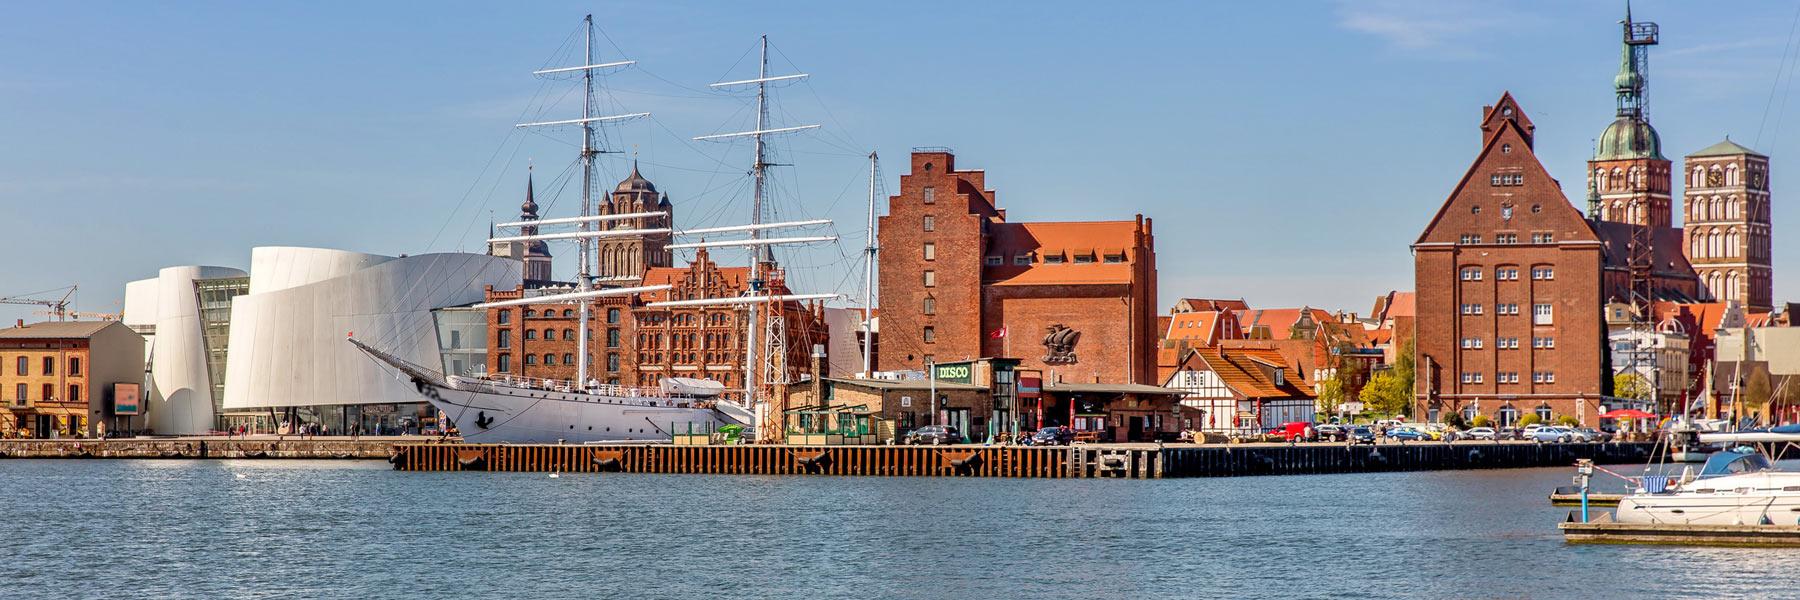 Hafen - Hansestadt Stralsund